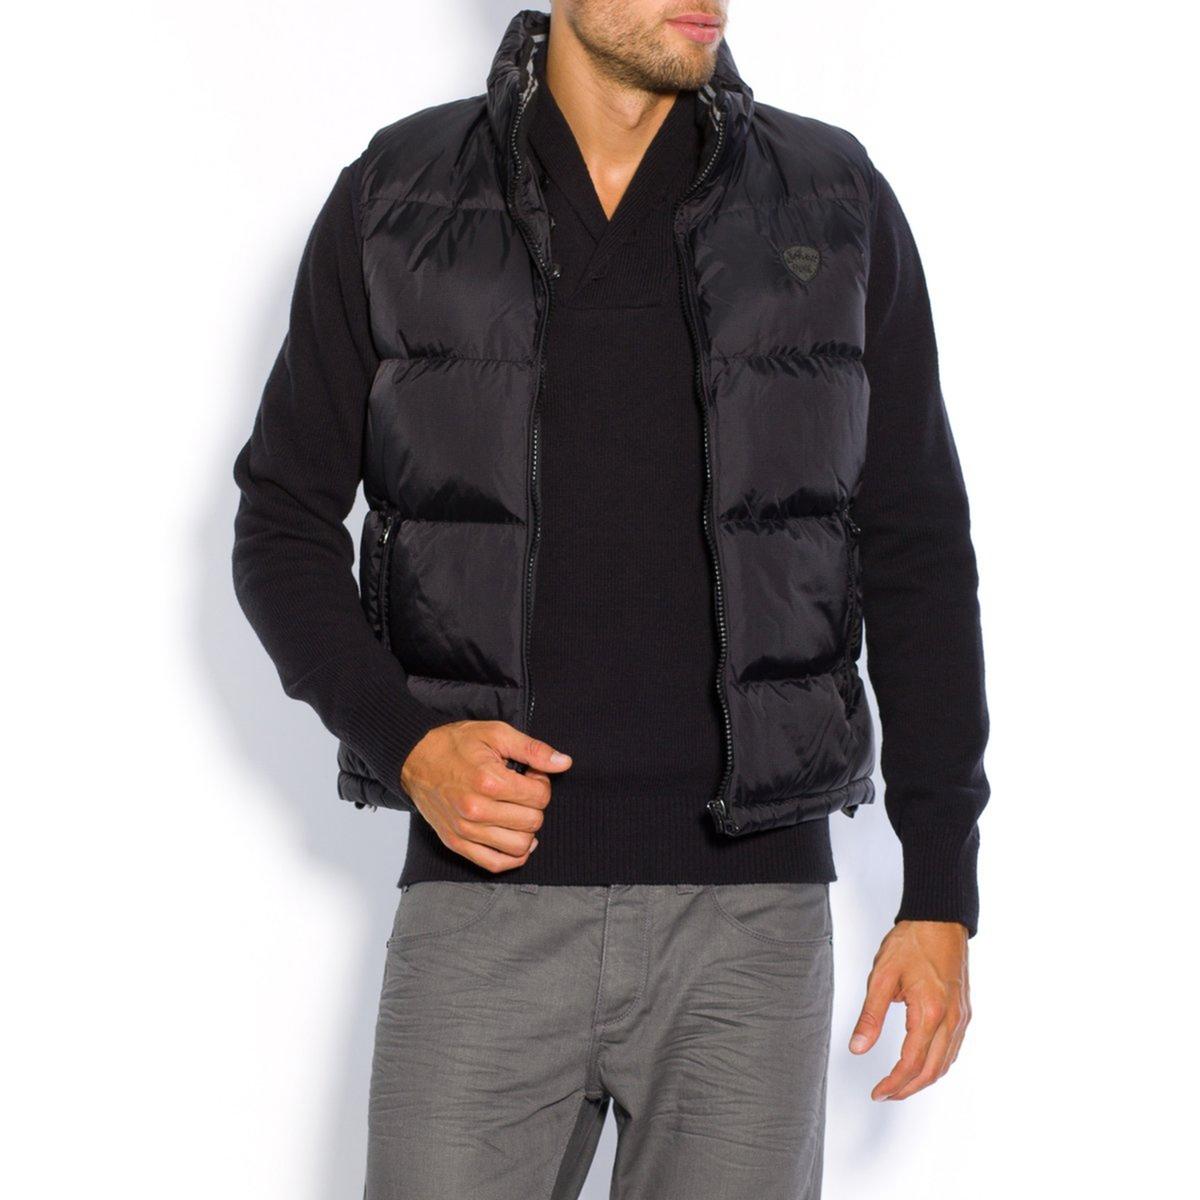 Куртка стеганая без рукавов 2108VКомфортная и теплая стеганая куртка, которую можно носить с пуловером или рубашкой.    Прямой покрой   Стеганая фактура   2 боковых кармана на молнии и внутренний карман на молнии   Стоячий воротник   Капюшон убирается в воротник   Застежка на молнию   100% полиамид, набивка 100% полиамид<br><br>Цвет: черный<br>Размер: M